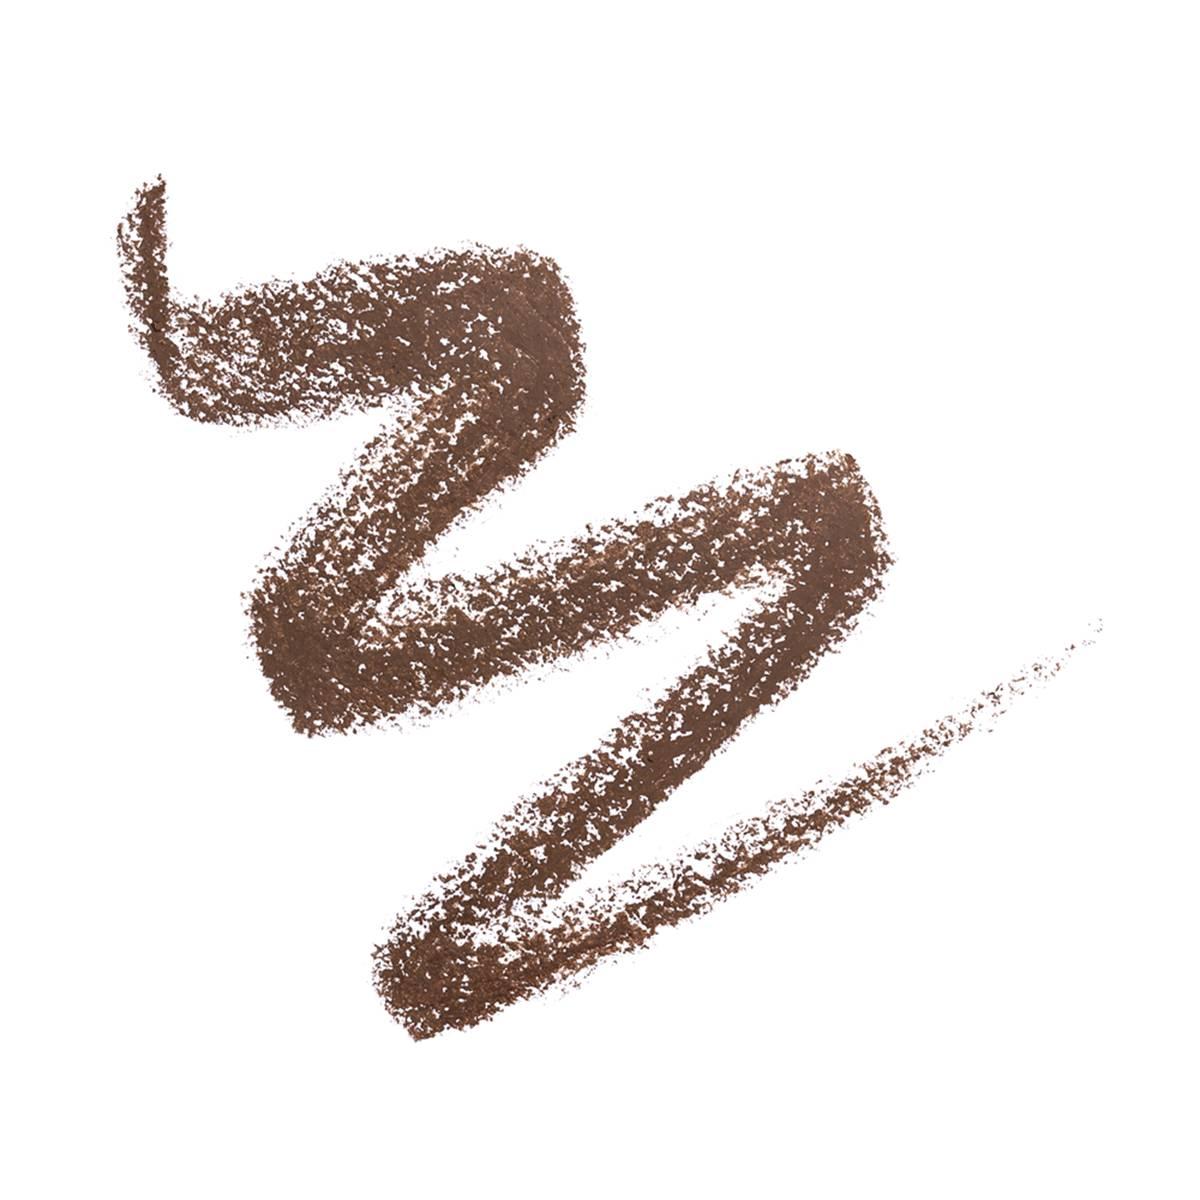 La Roche Posay Sensitive Toleriane Make up EYEBROW_PENCIL Brown 337872